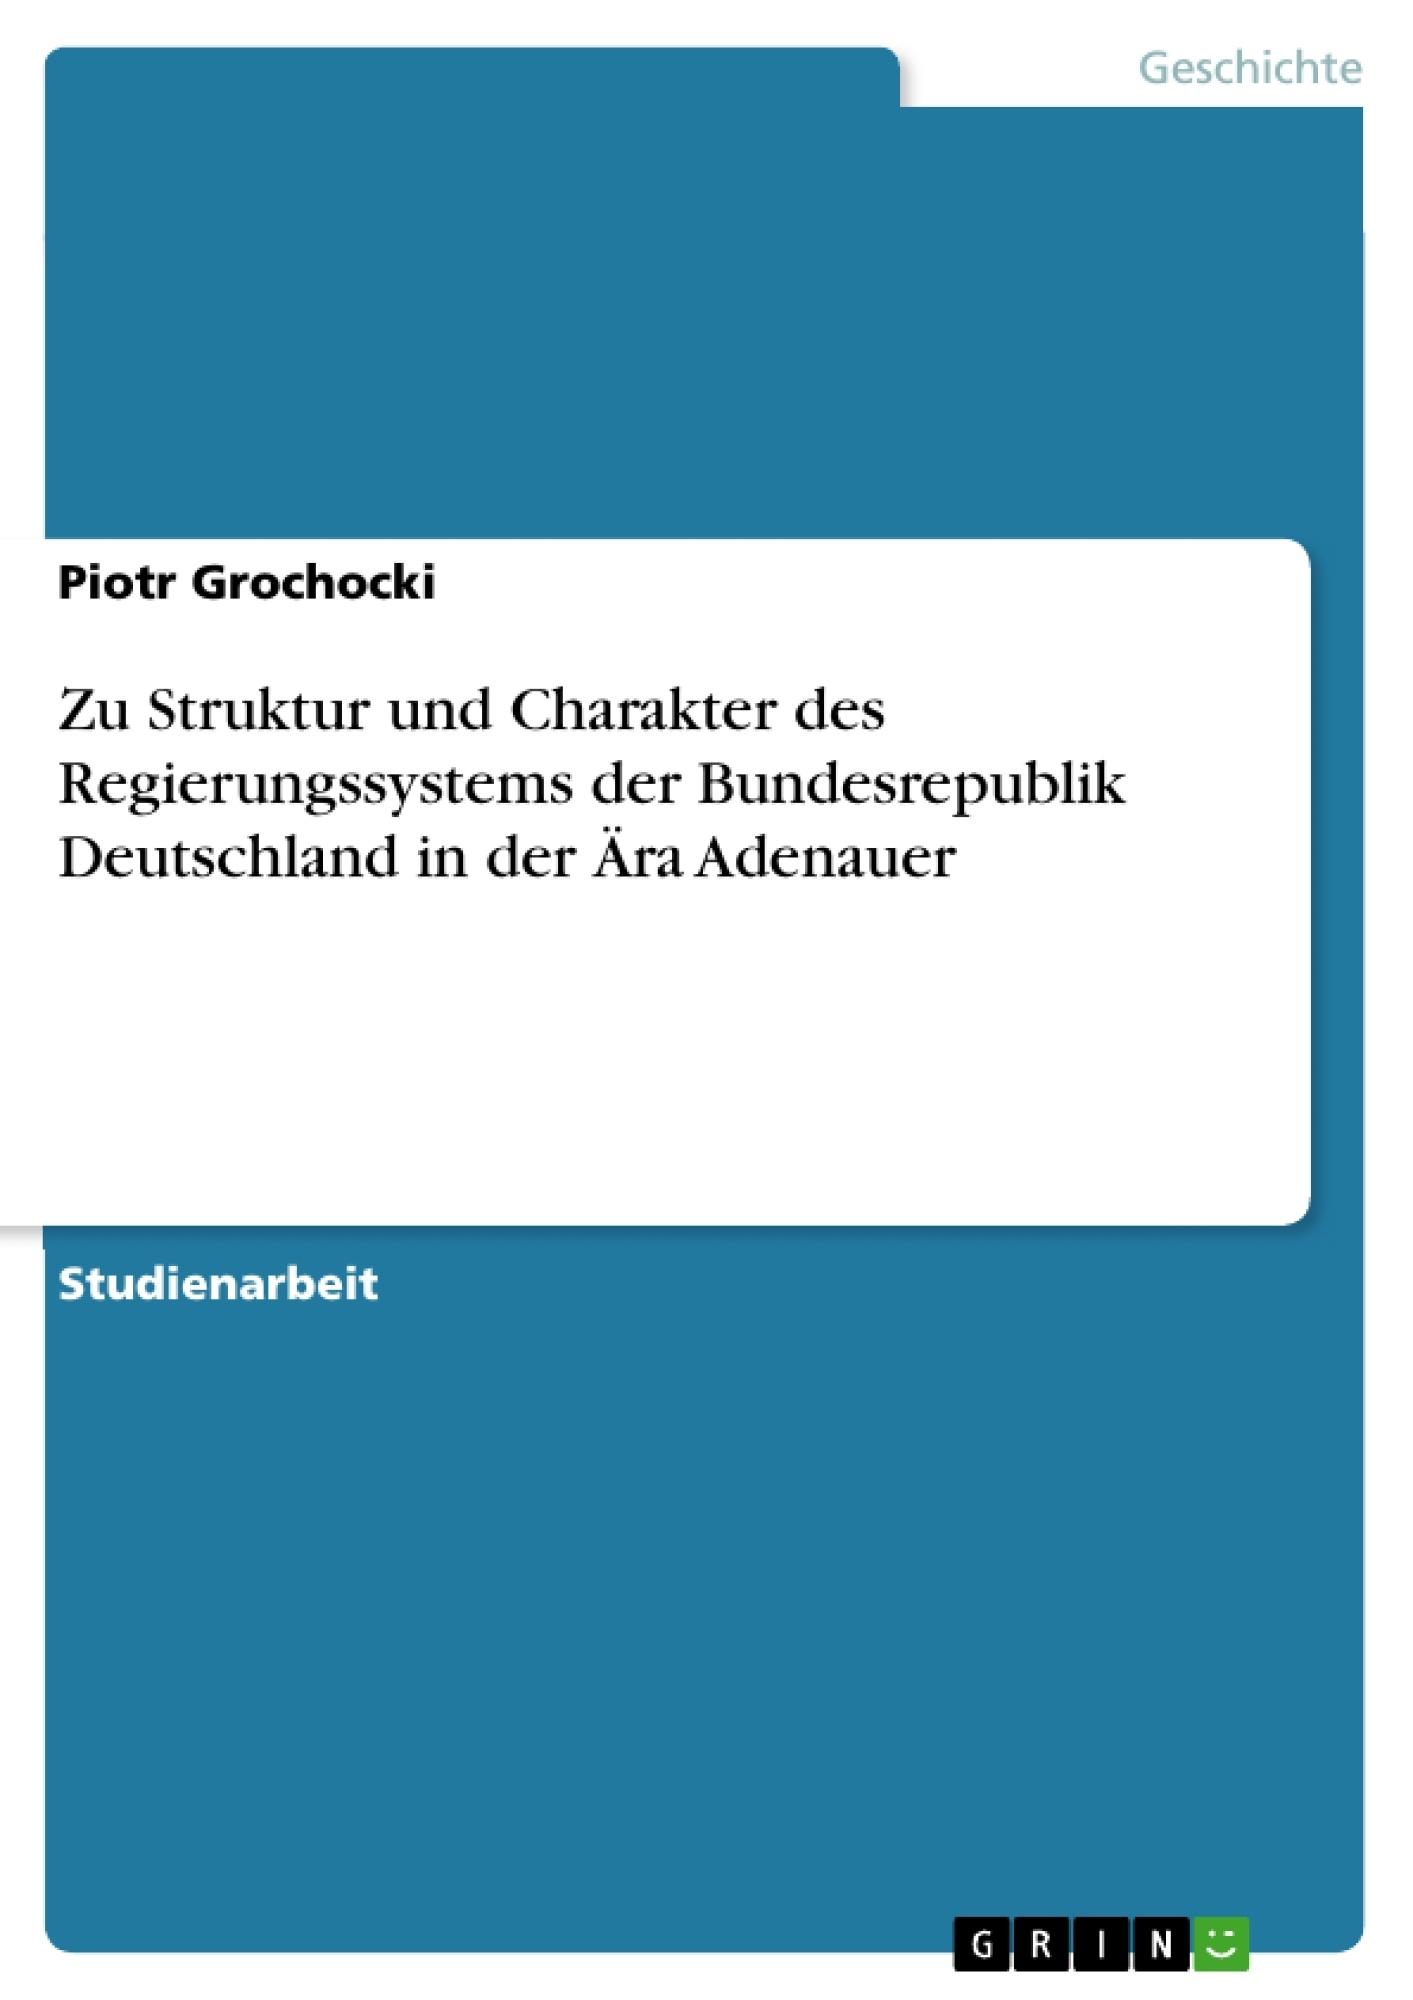 Titel: Zu Struktur und Charakter des Regierungssystems der Bundesrepublik Deutschland in der Ära Adenauer